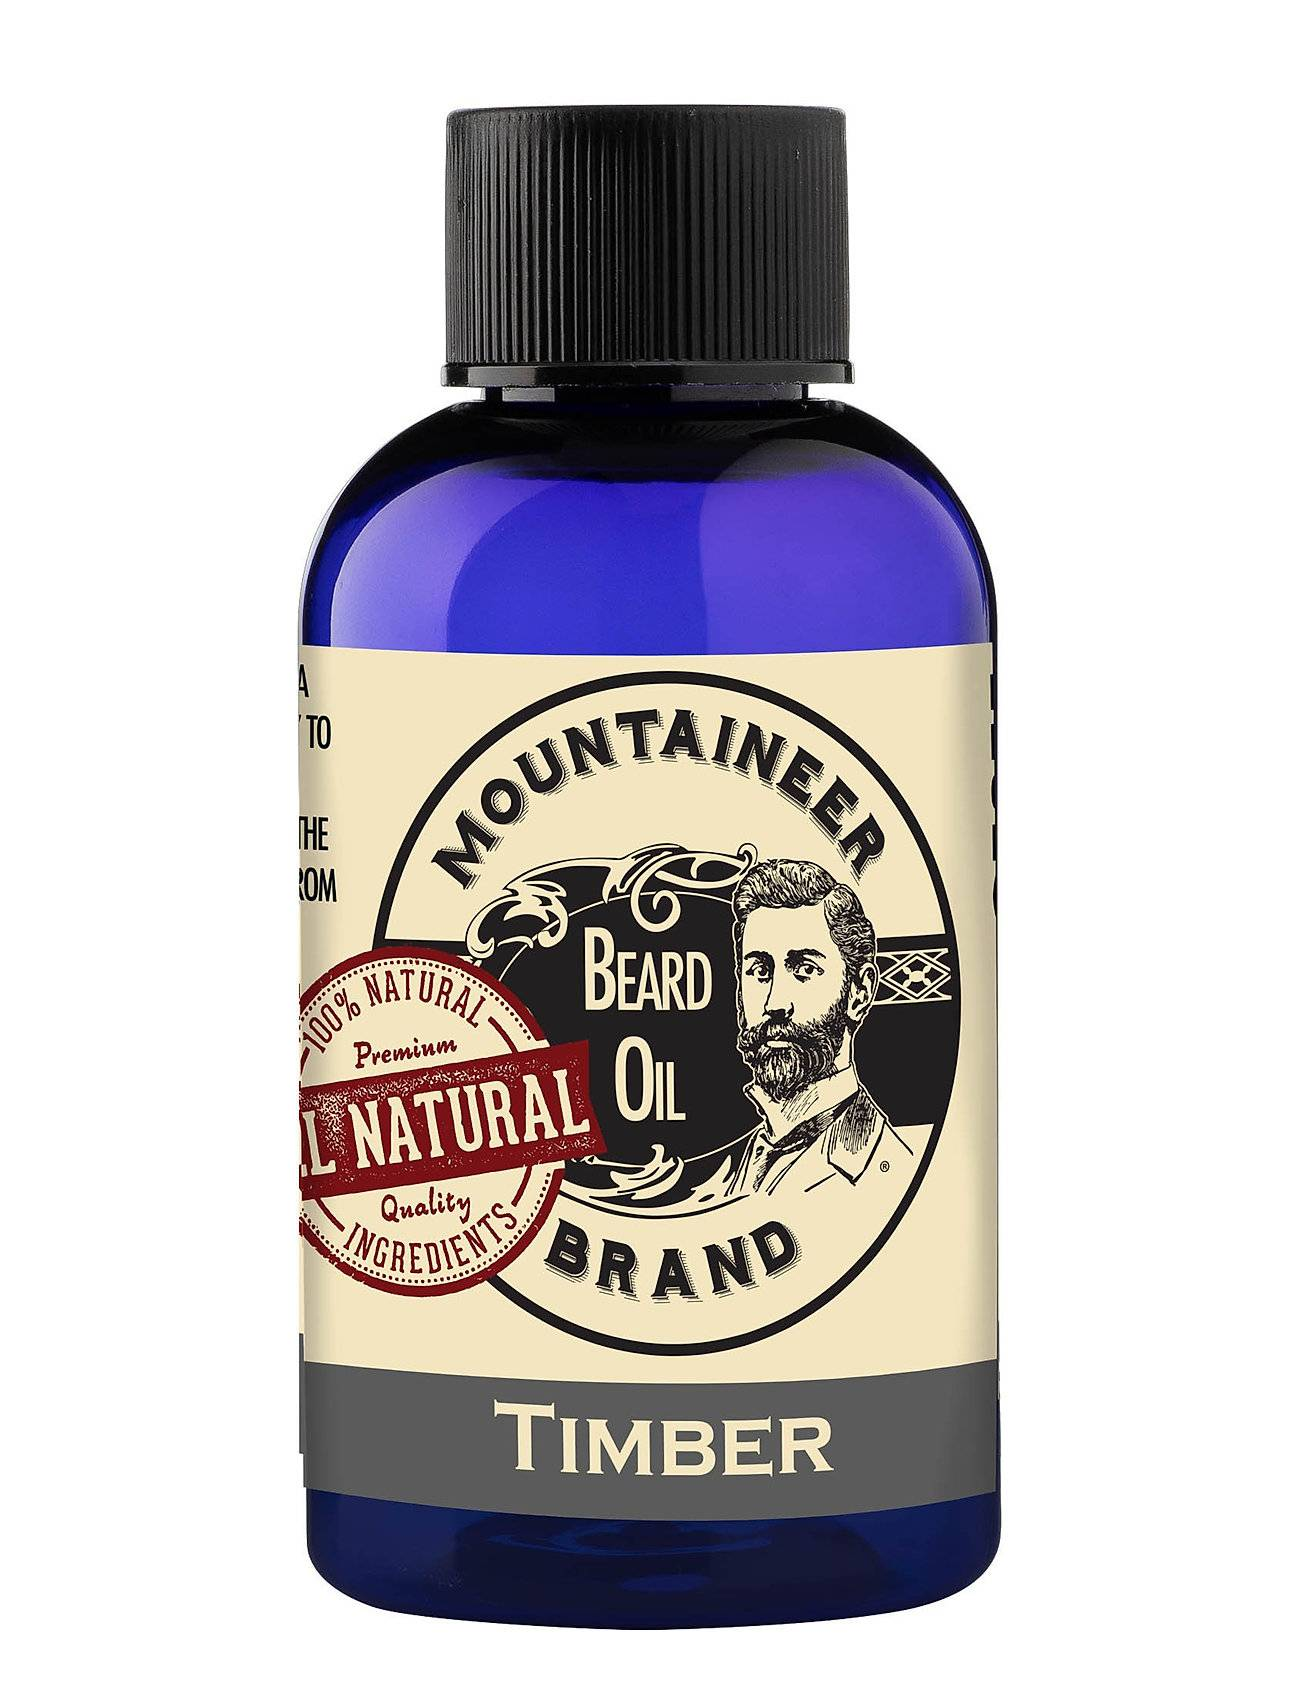 Mountaineer Brand Timber Beard Oil Shaving Products Beard Oil Nude Mountaineer Brand